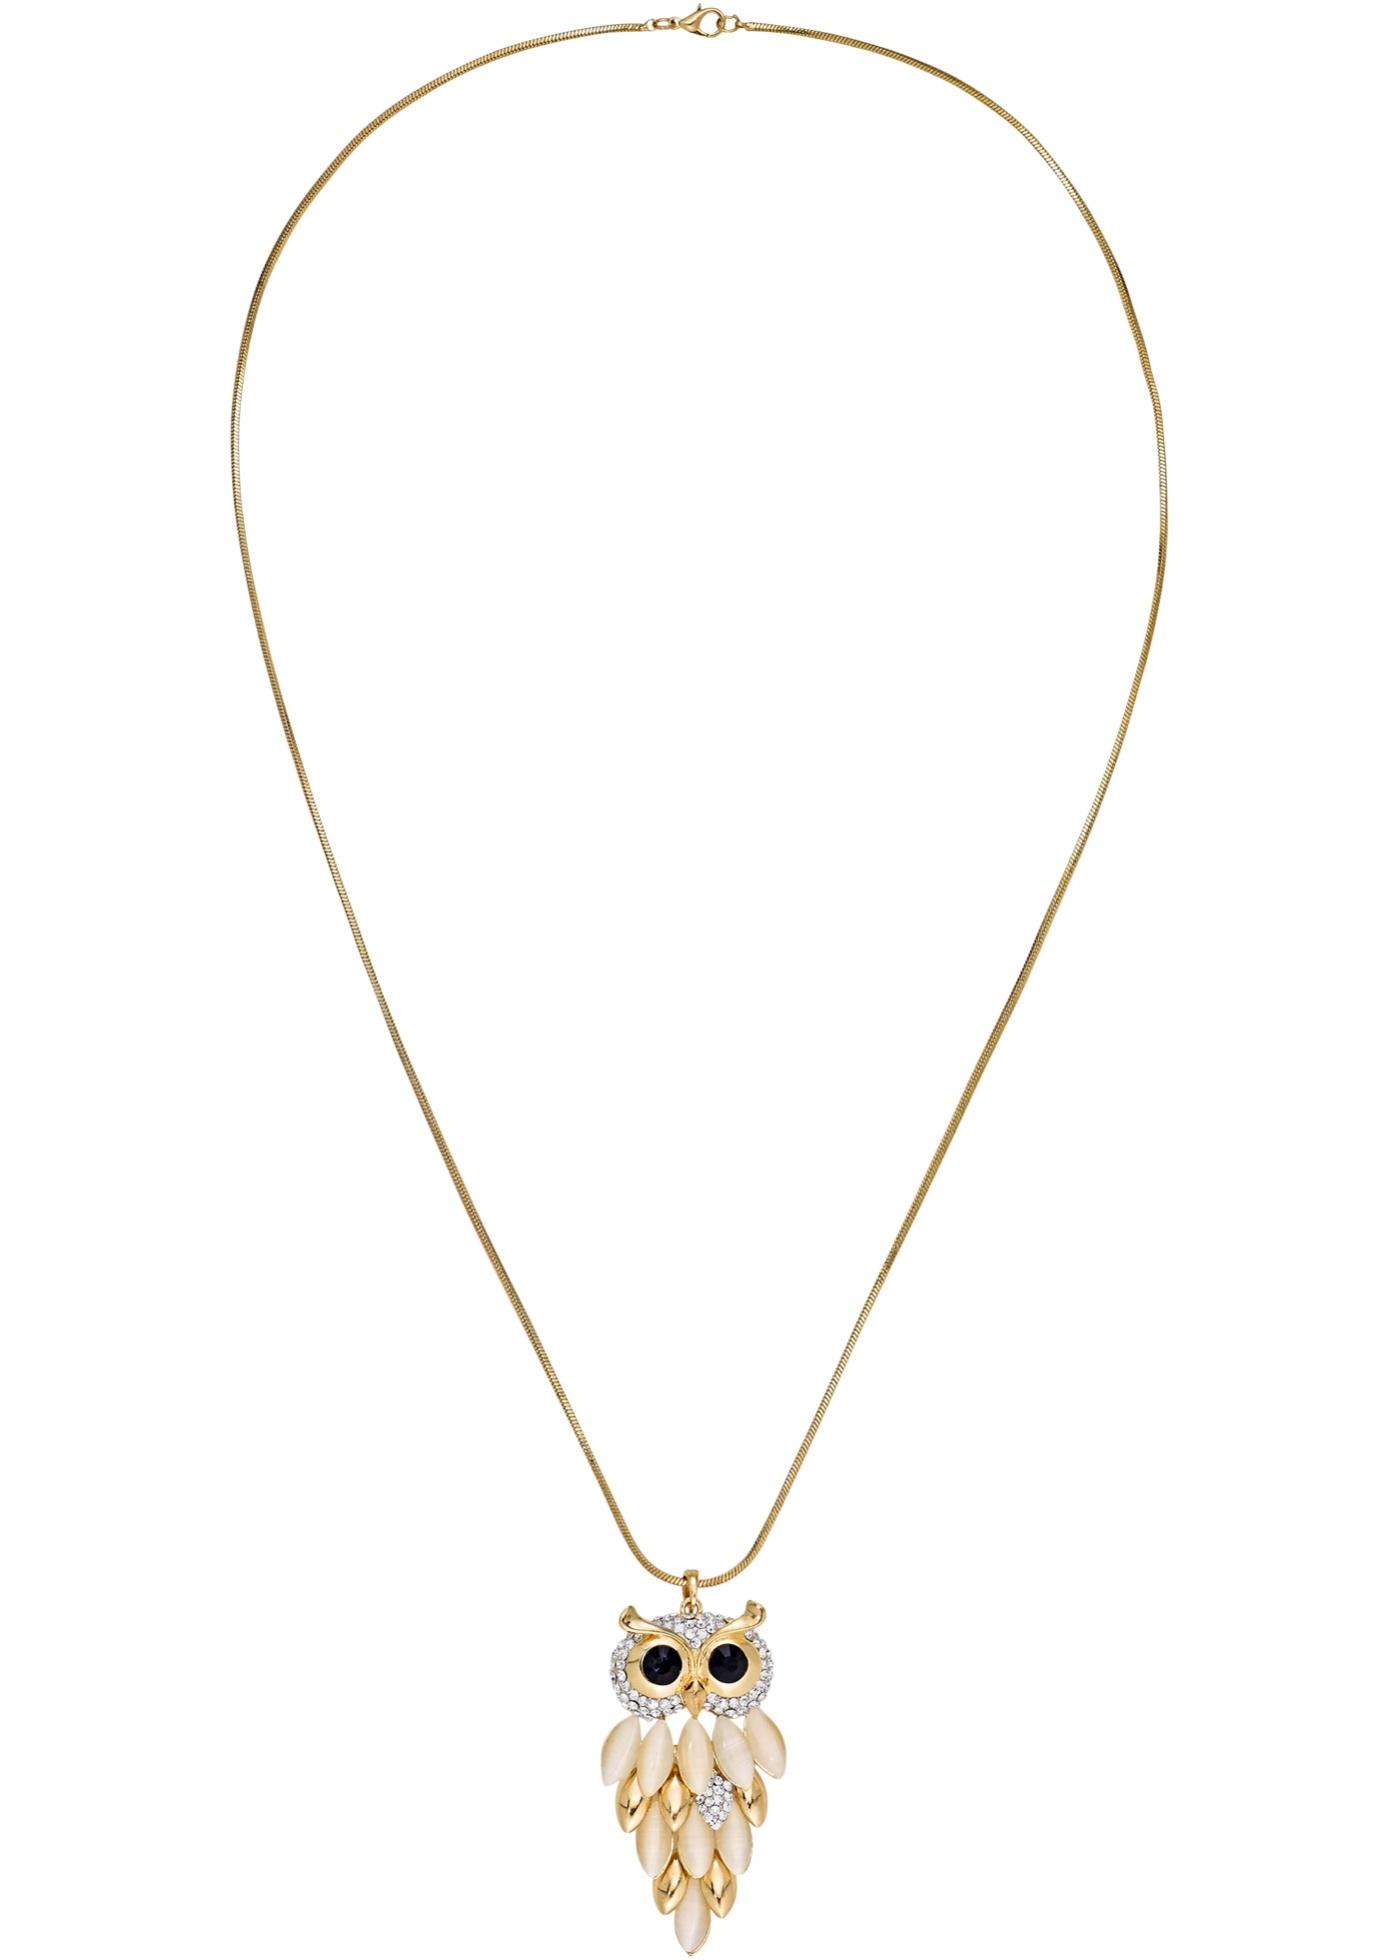 Long collier avec joli pendentif chouette ornée de strass, de pierres noires et de nacre, long. env. 80 cm + chaînette rallonge 7 cm, pendentif (Lxl) env. 5x3 cm.